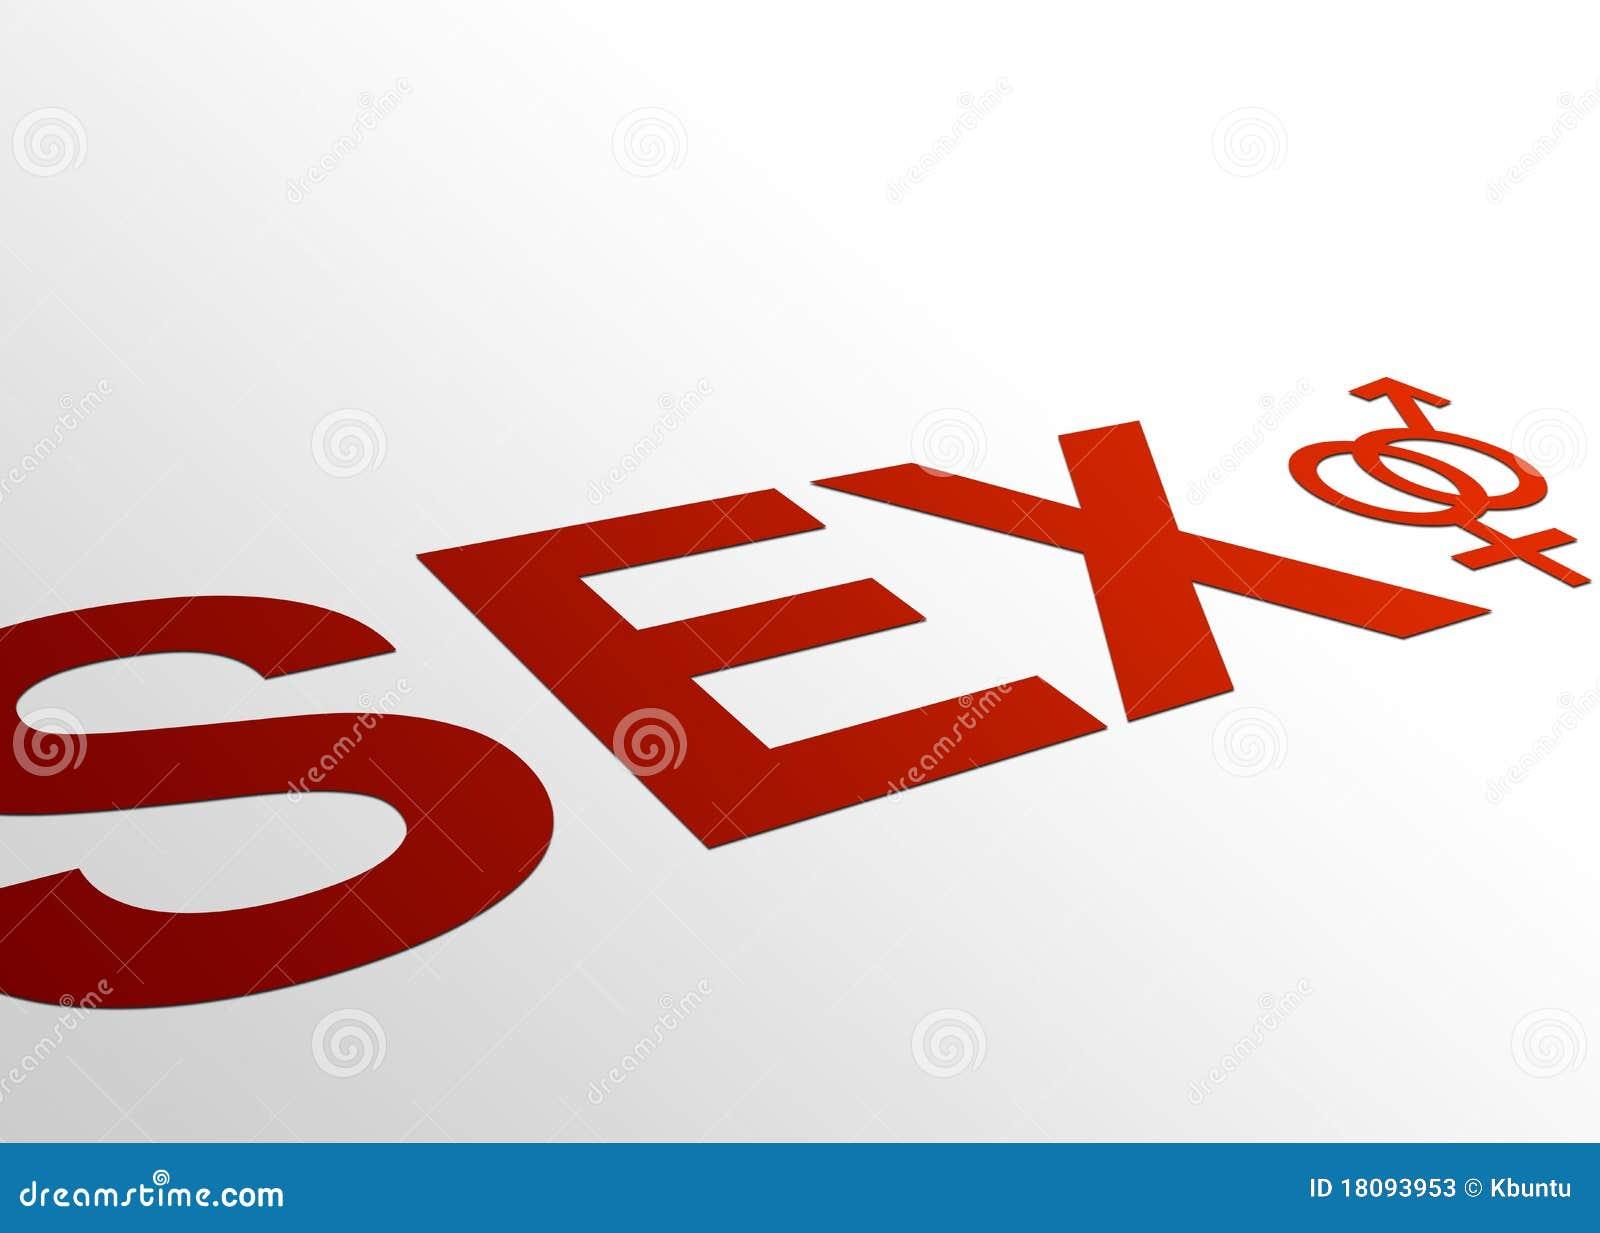 Free lesbian sex screensavers